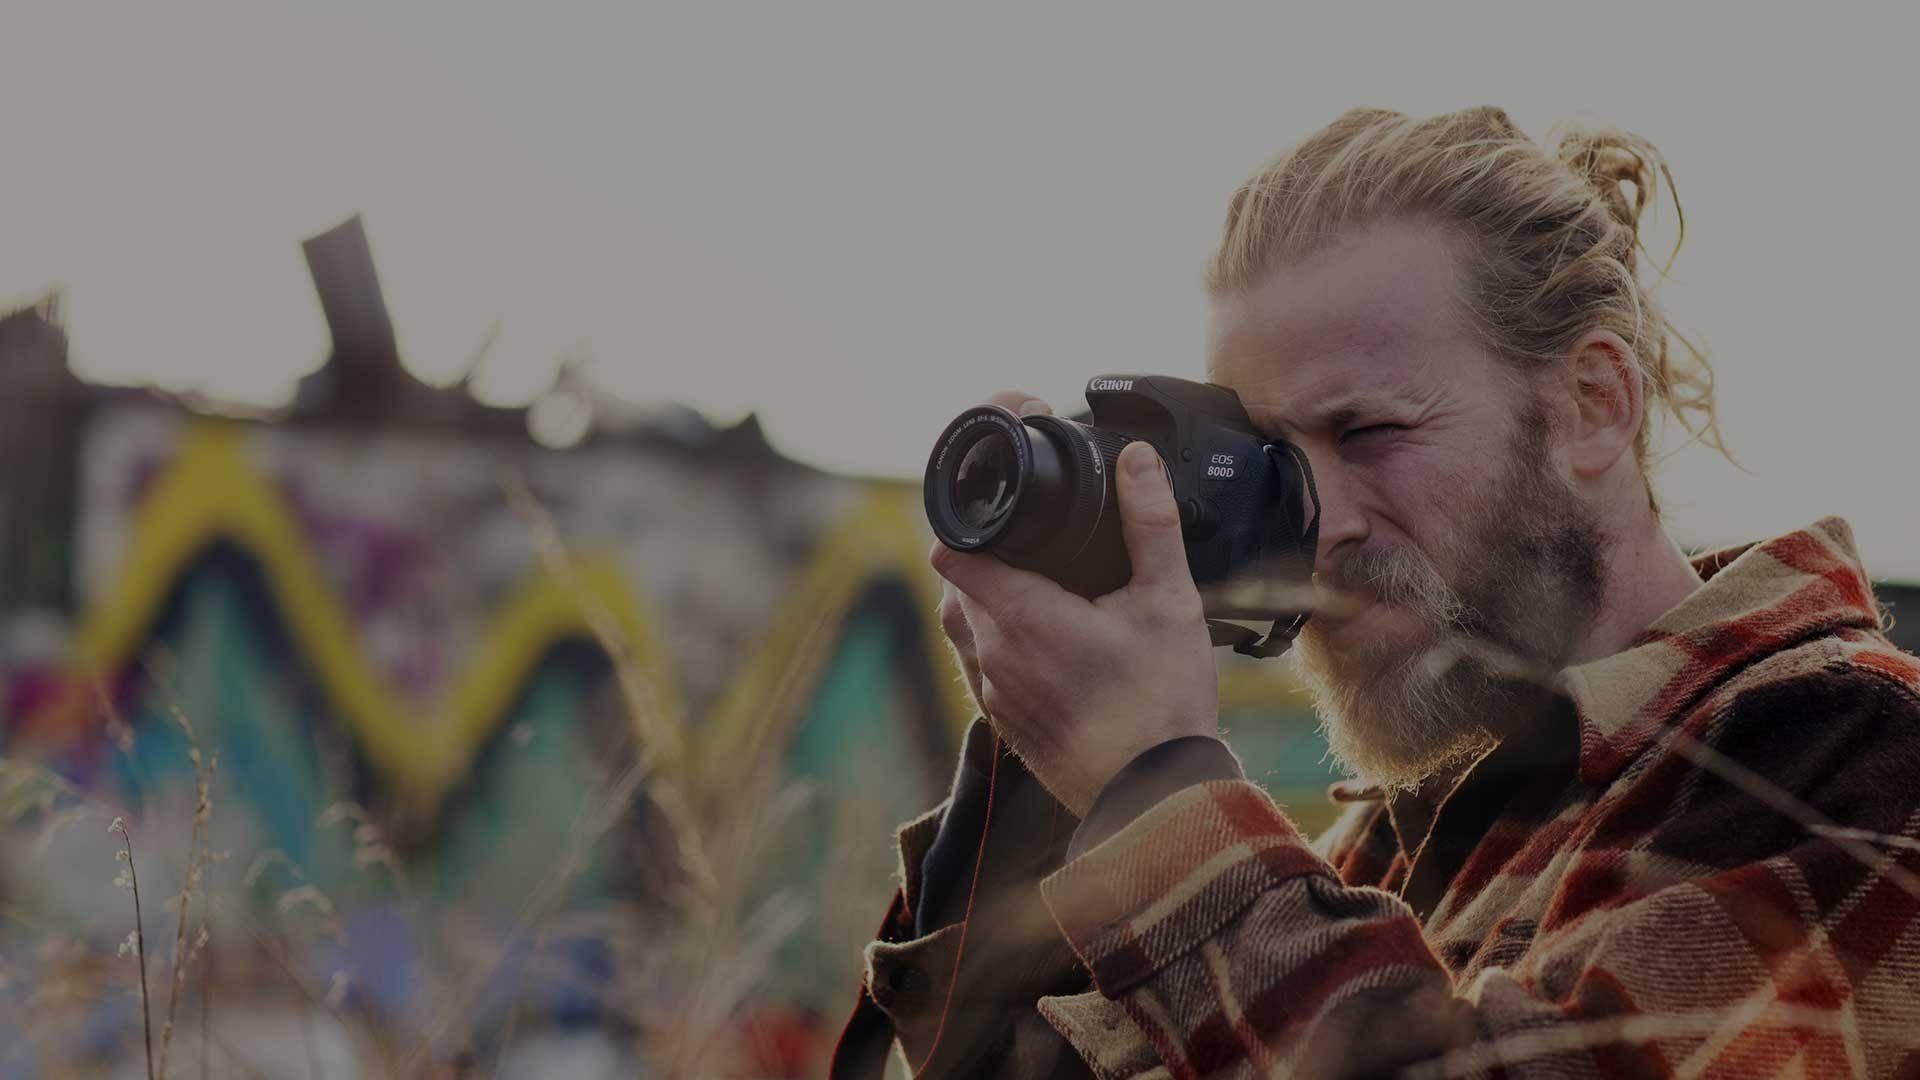 Canon EOS 800D - Cameras - Canon UK